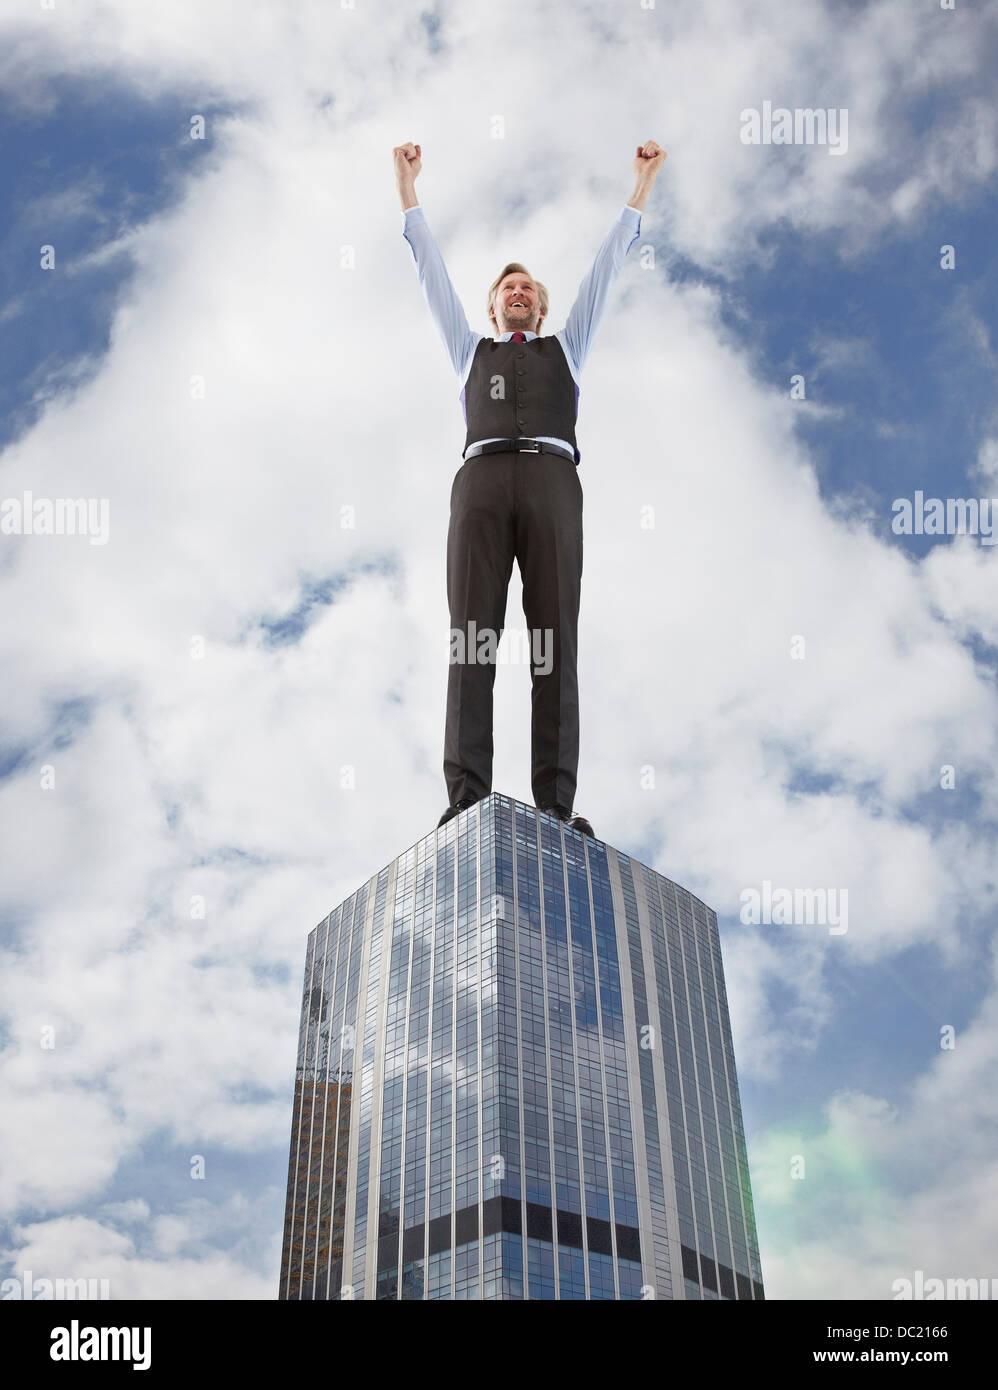 Imprenditore sovradimensionato a fare il tifo per il grattacielo a basso angolo di visione Immagini Stock